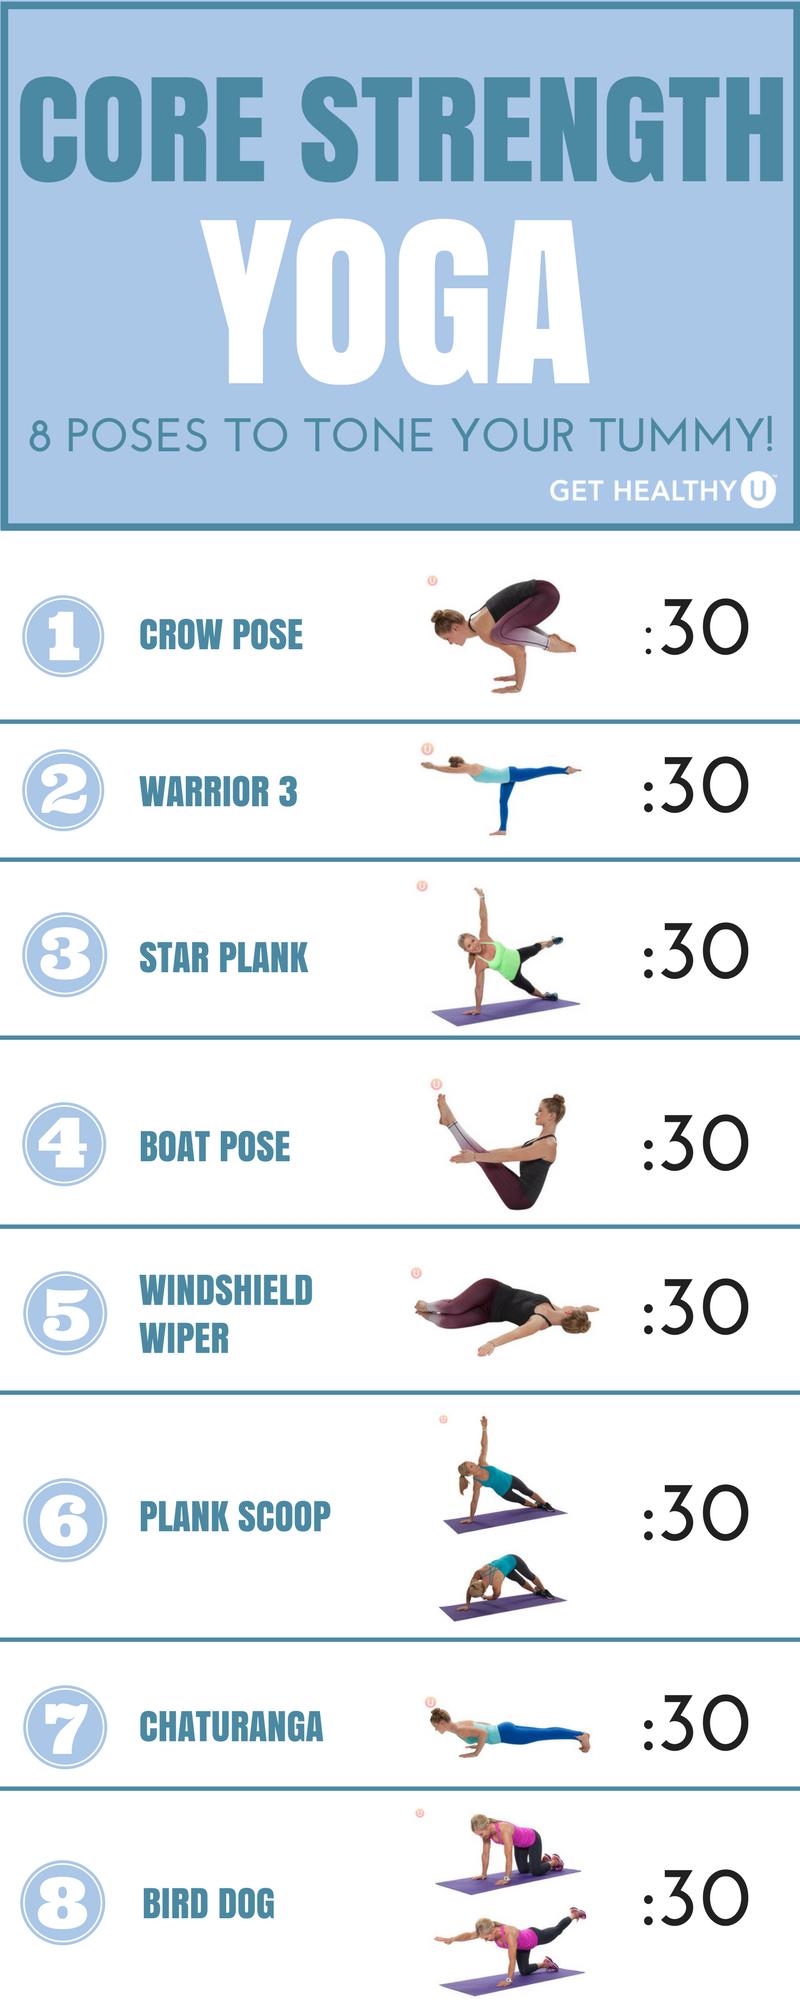 #aus #betonen #Die #halte #Kernkraft #nacheinander #Probiere #Sie #und #YogaPosen Yoga poses that emphasize core strength. Try them out one at a time, holding eac...        Yoga-Posen, die die Kernkraft betonen. Probieren Sie sie nacheinander aus und halten Sie sie jeweils 30 Sekunden lang gedrückt. Gehe die gesamte Sequenz zweimal durch. Bei einseitigen Zügen muss eine Seite beim ersten Mal und die andere Seite beim zweiten Mal durchlaufen werden. - #pilatesposes #aus #betonen #Die #halte #Ke #abchallenge